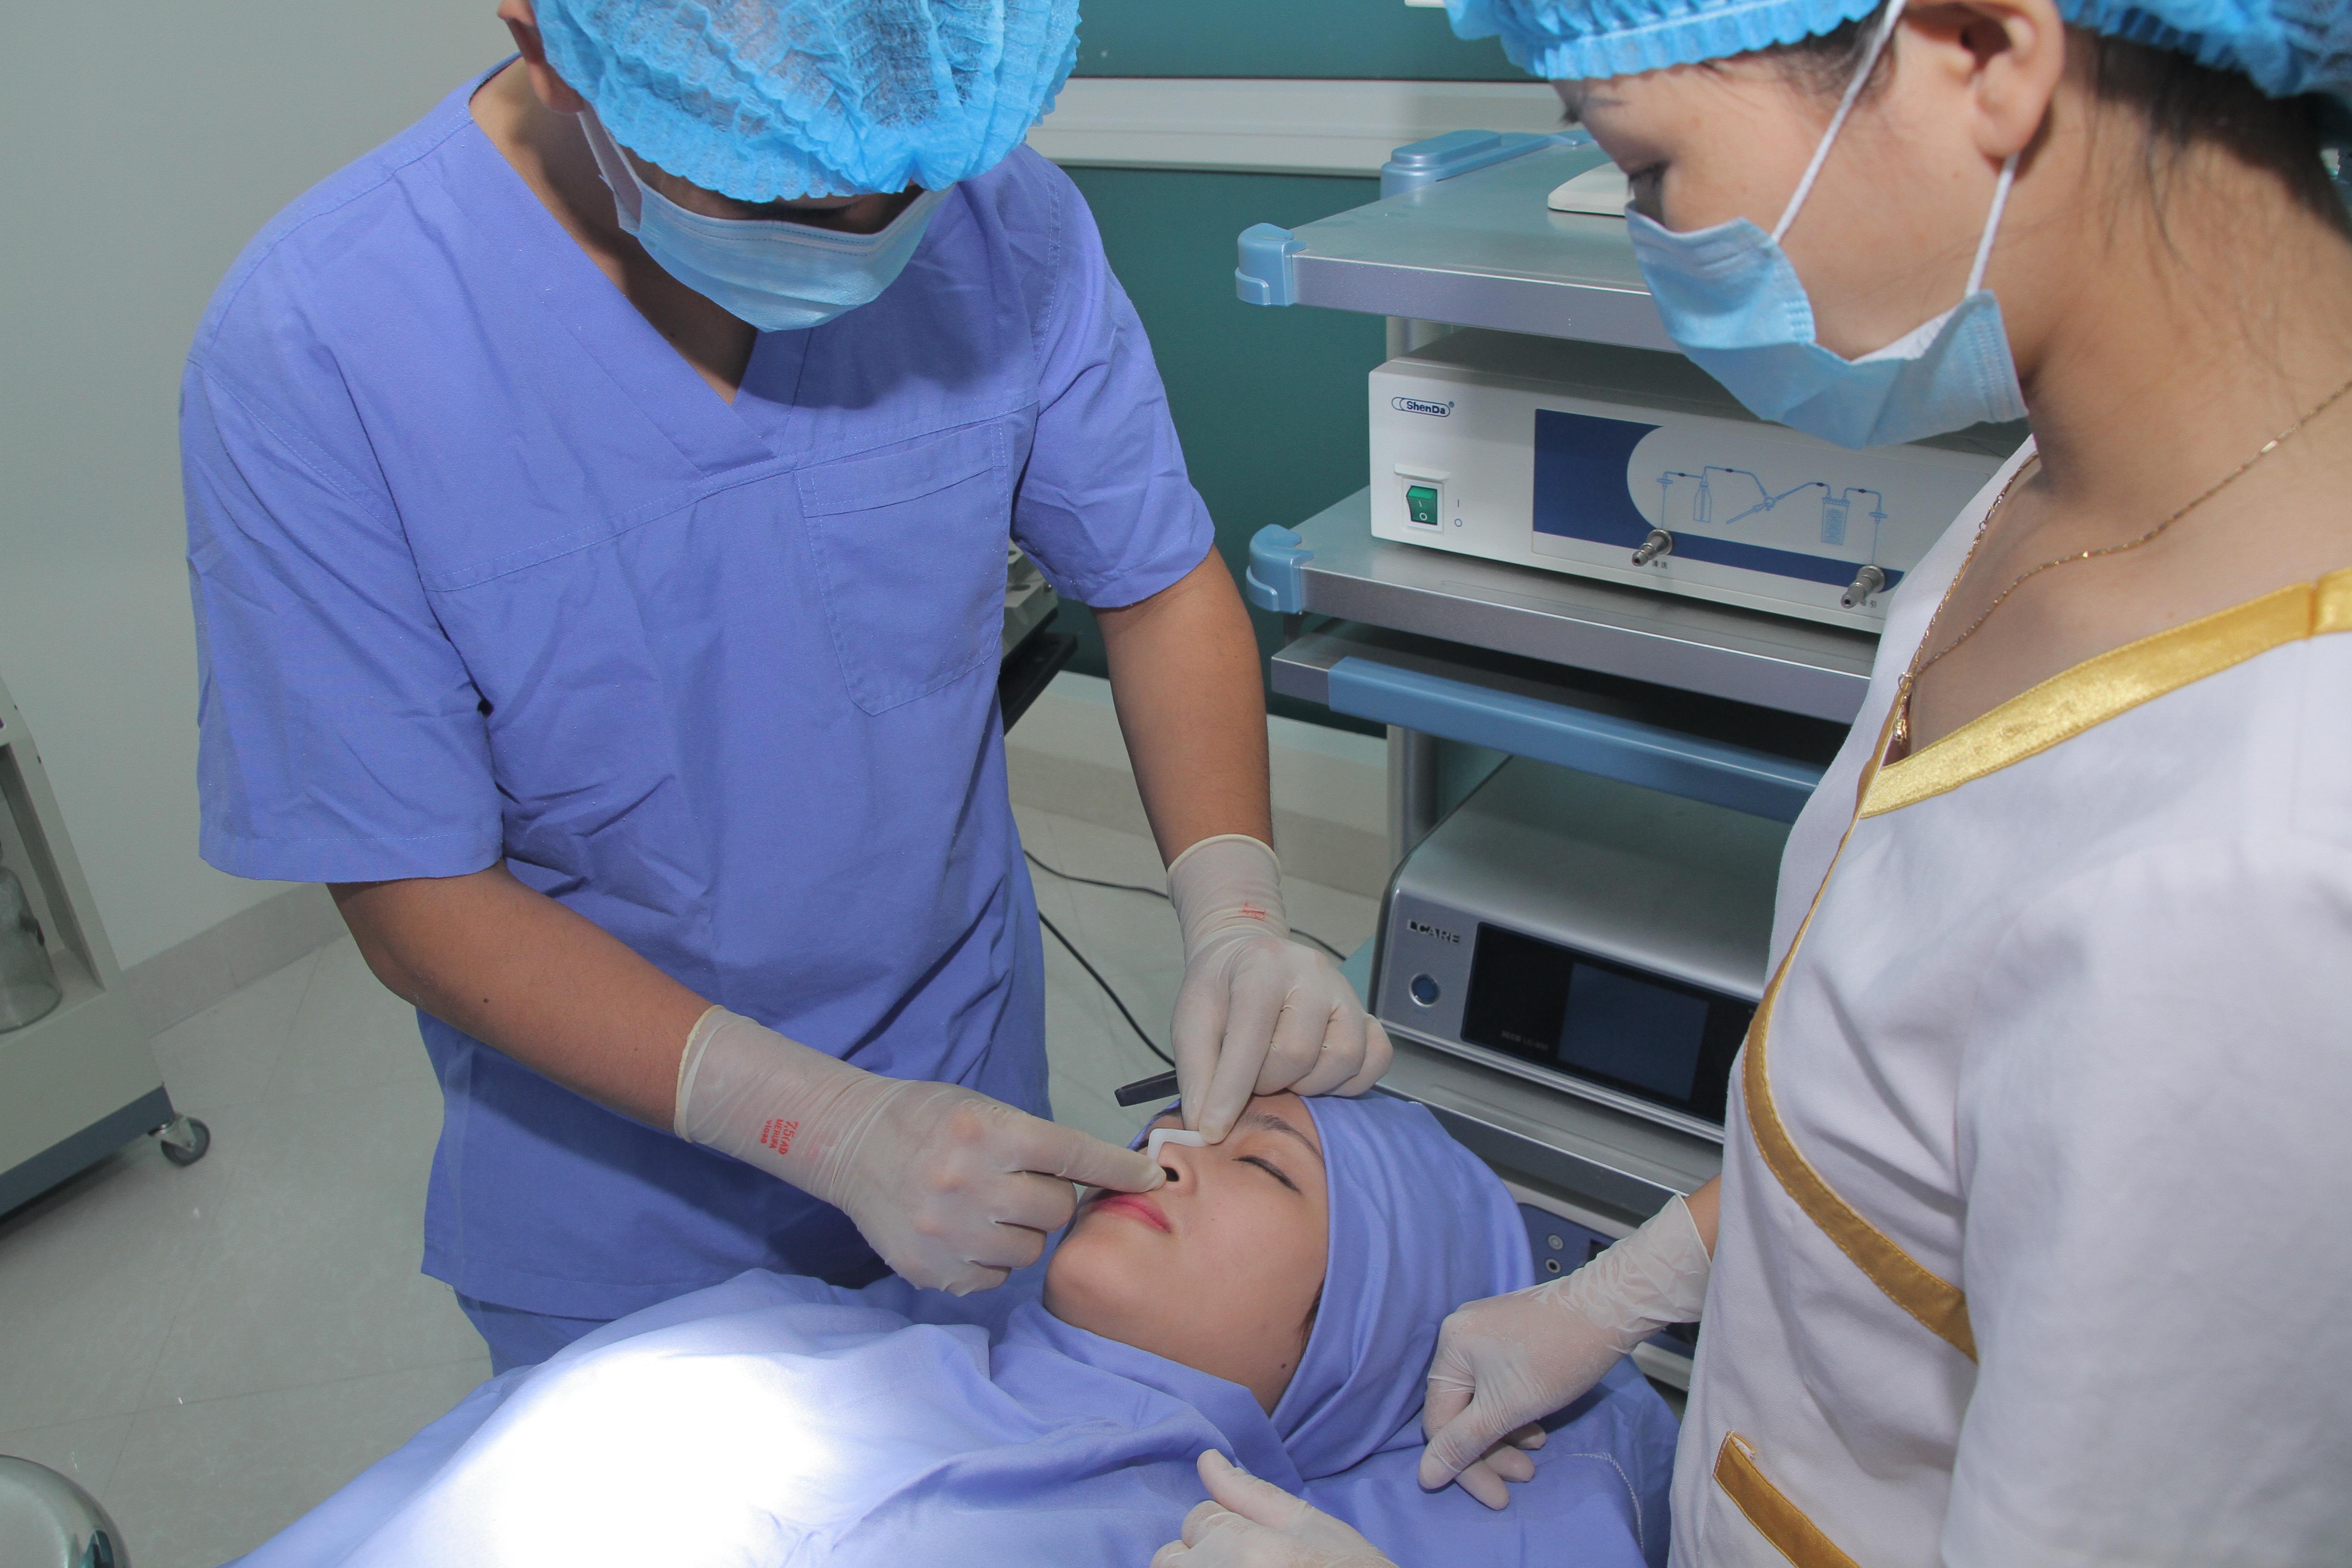 Kangnam thẩm mỹ viện nâng mũi theo quy trình đạt chuẩn theo yêu cầu của bộ y tế